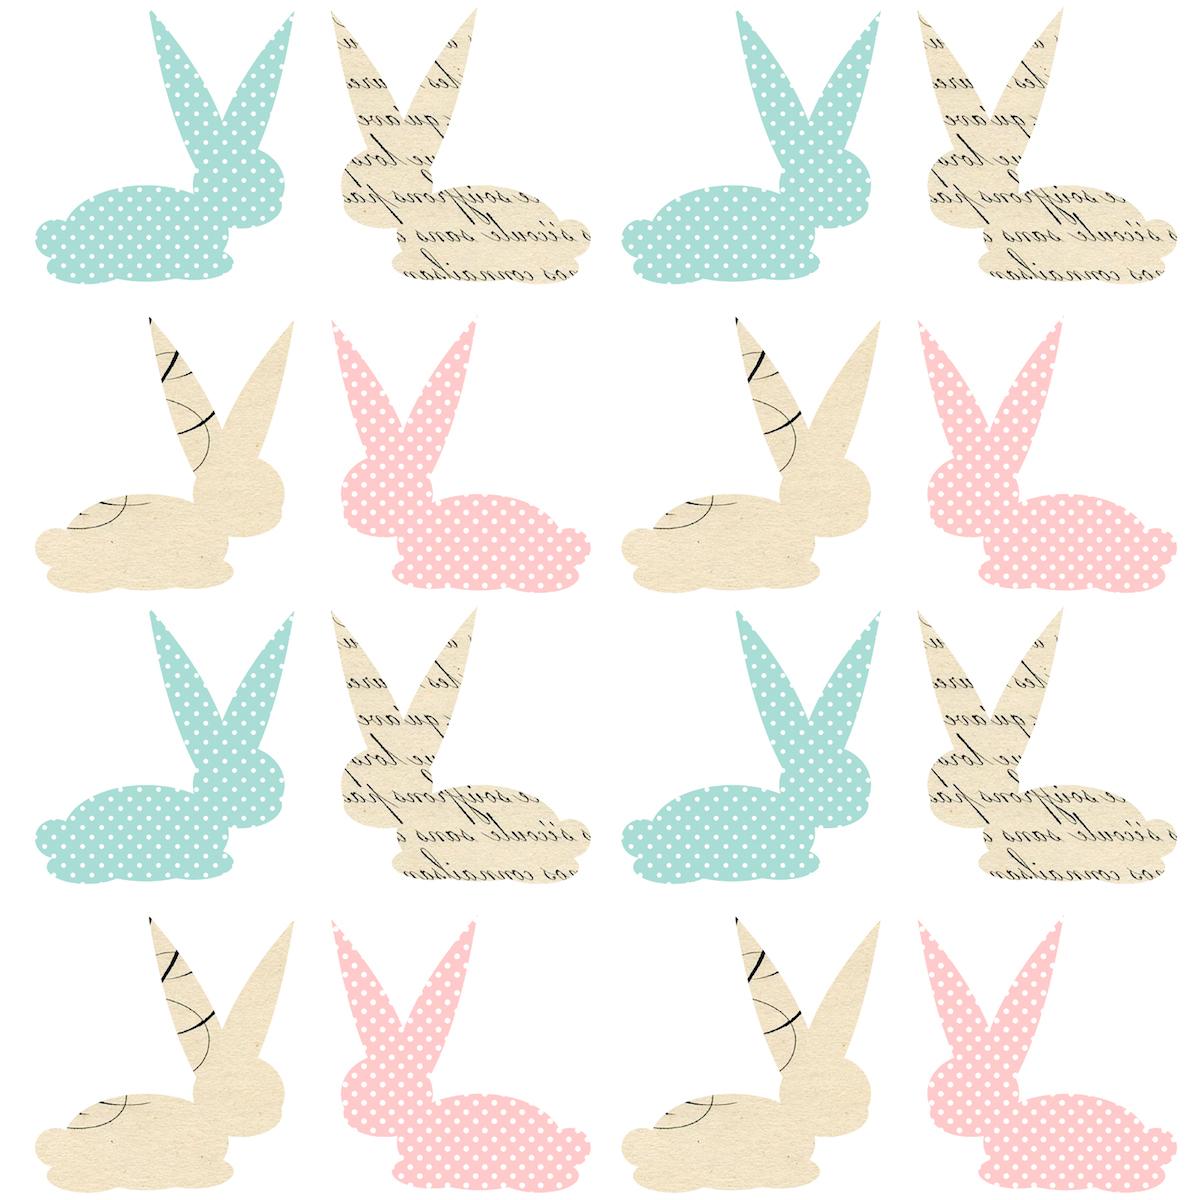 Scrapbook paper baby - Free Digital Bunny Scrapbooking Paper Ausdruckbares Geschenkpapier Freebie